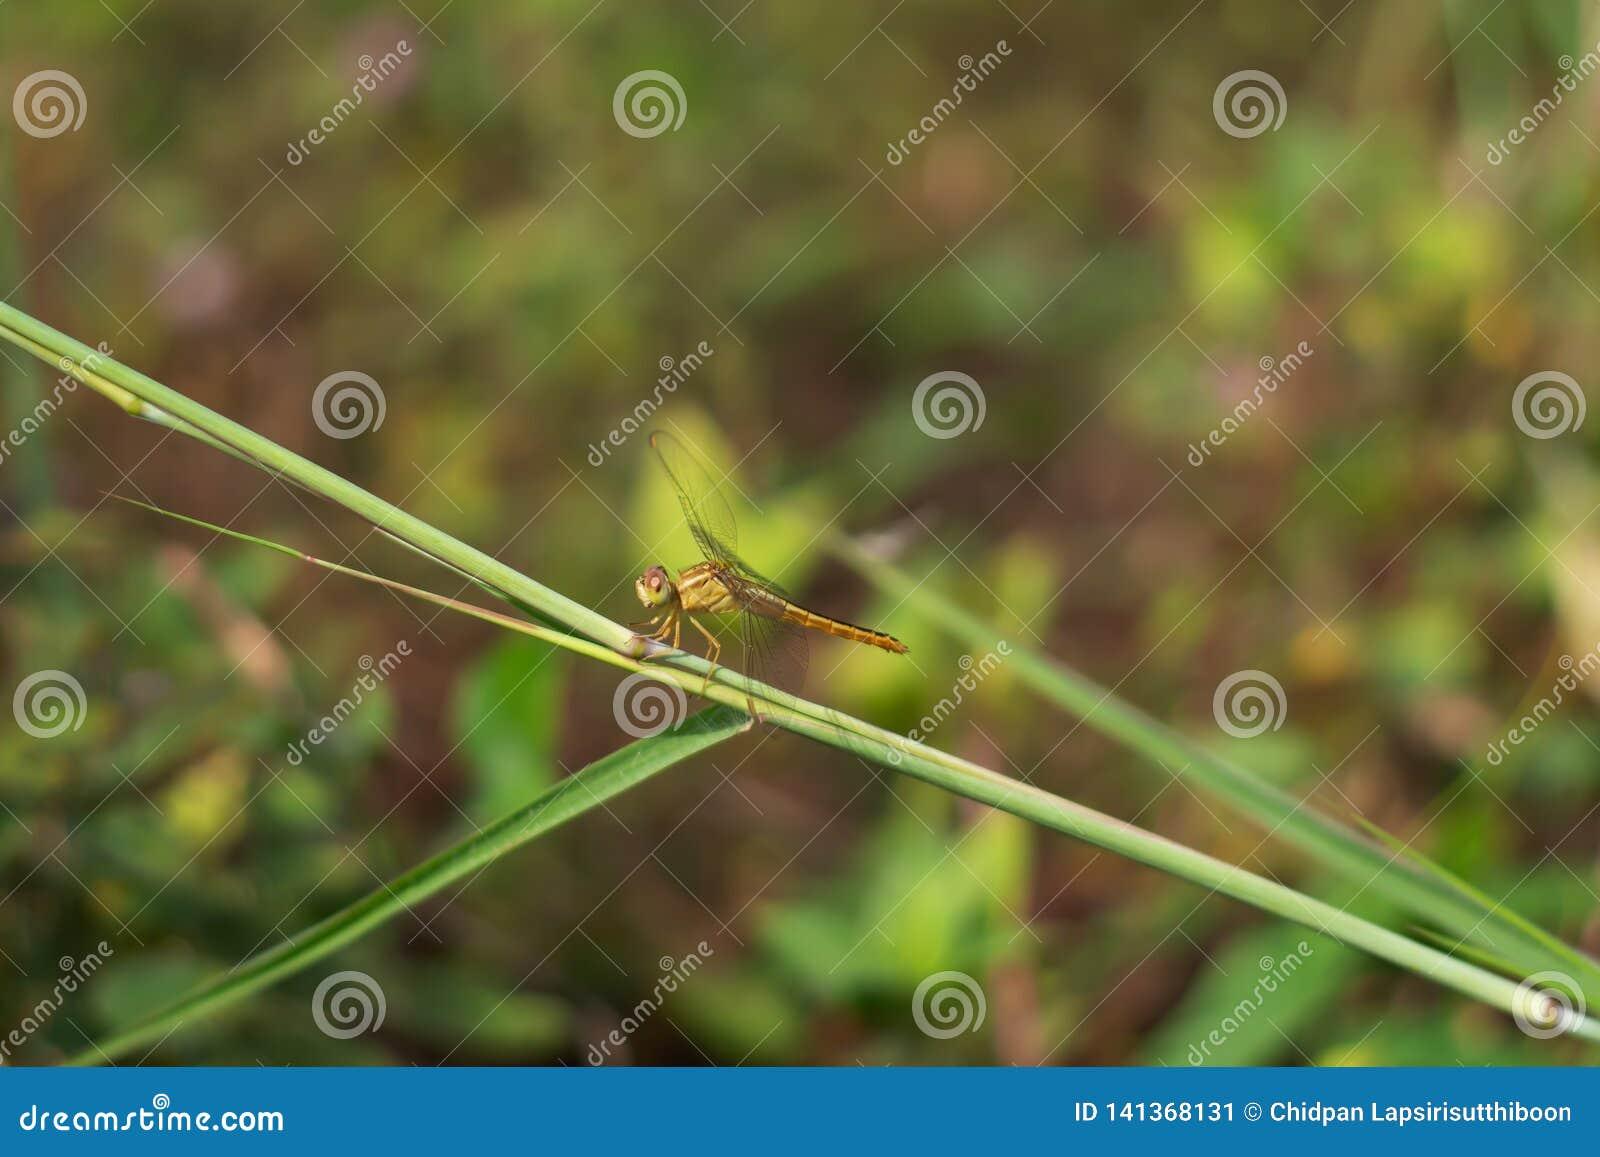 Sländan orange stammar hänger på gräset, på gräsbakgrunden